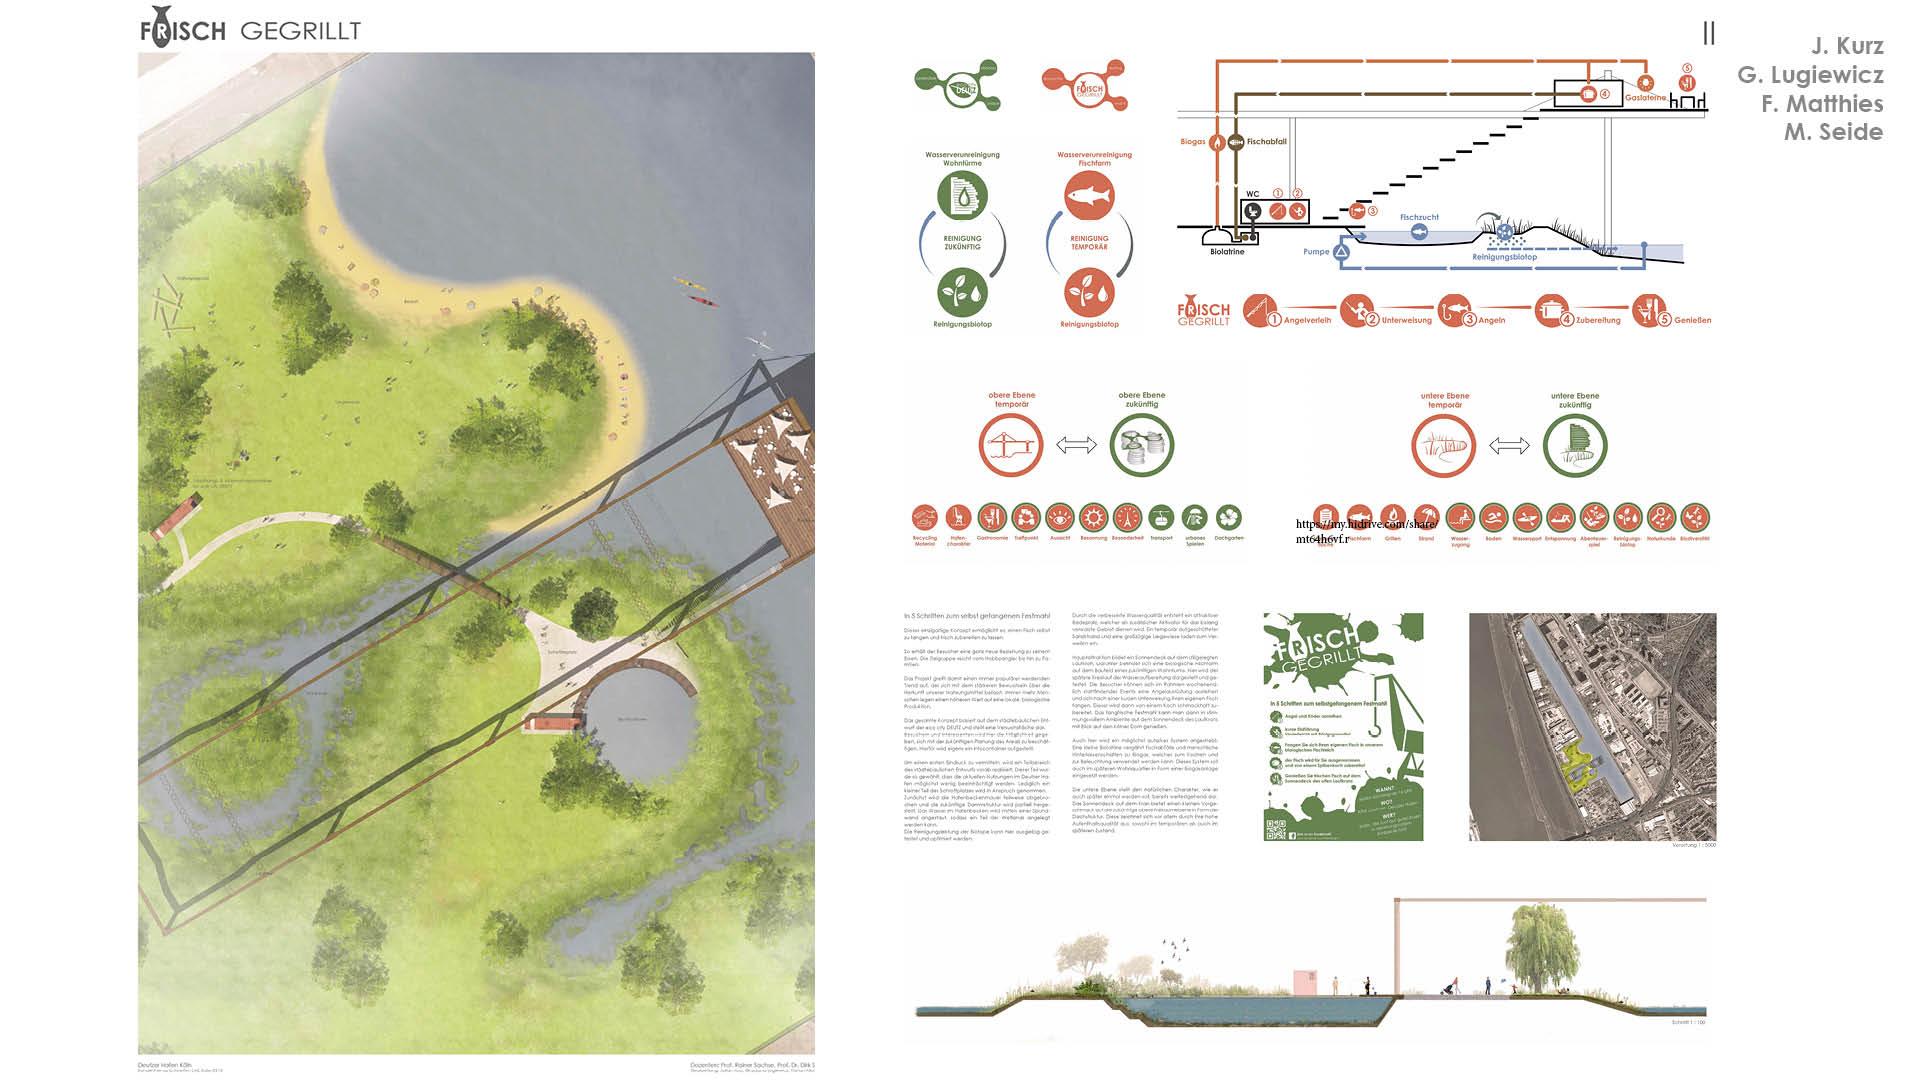 Dieser Entwurf reißt die Kaimauern weg und verwandelt das Hafenareal in ein Stadtbiotop.